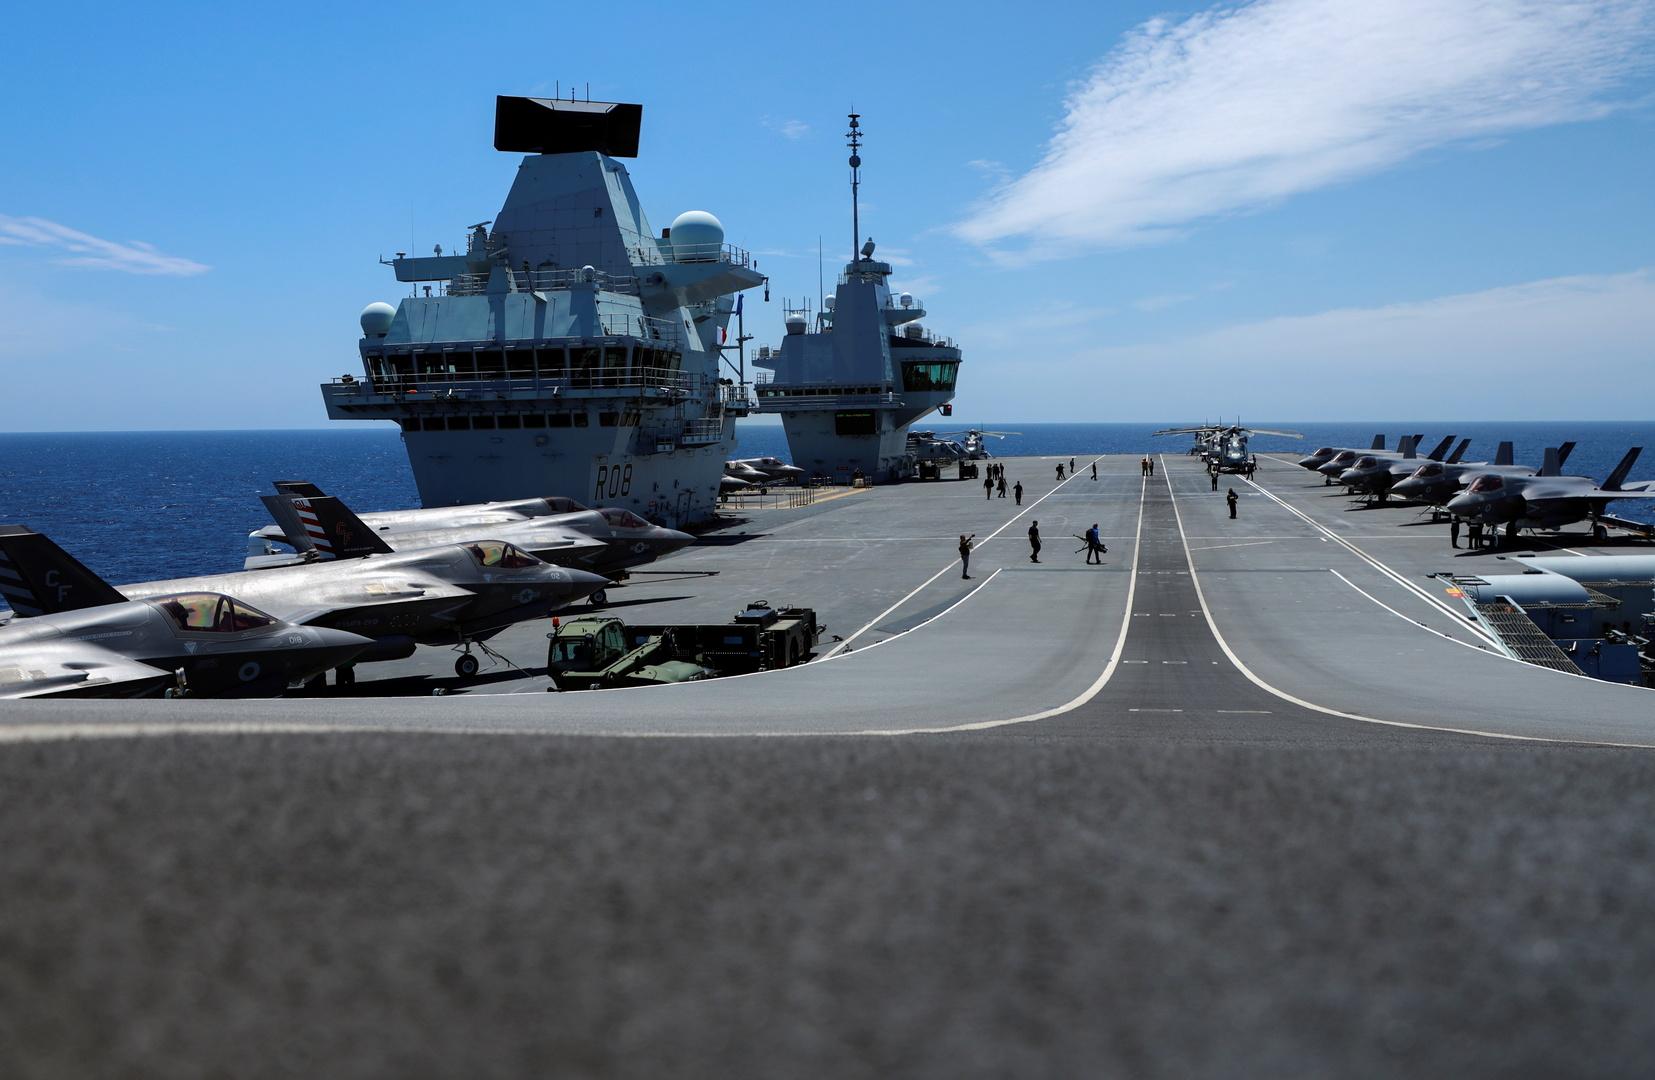 حاملة الطائرات البريطانية الحديثة